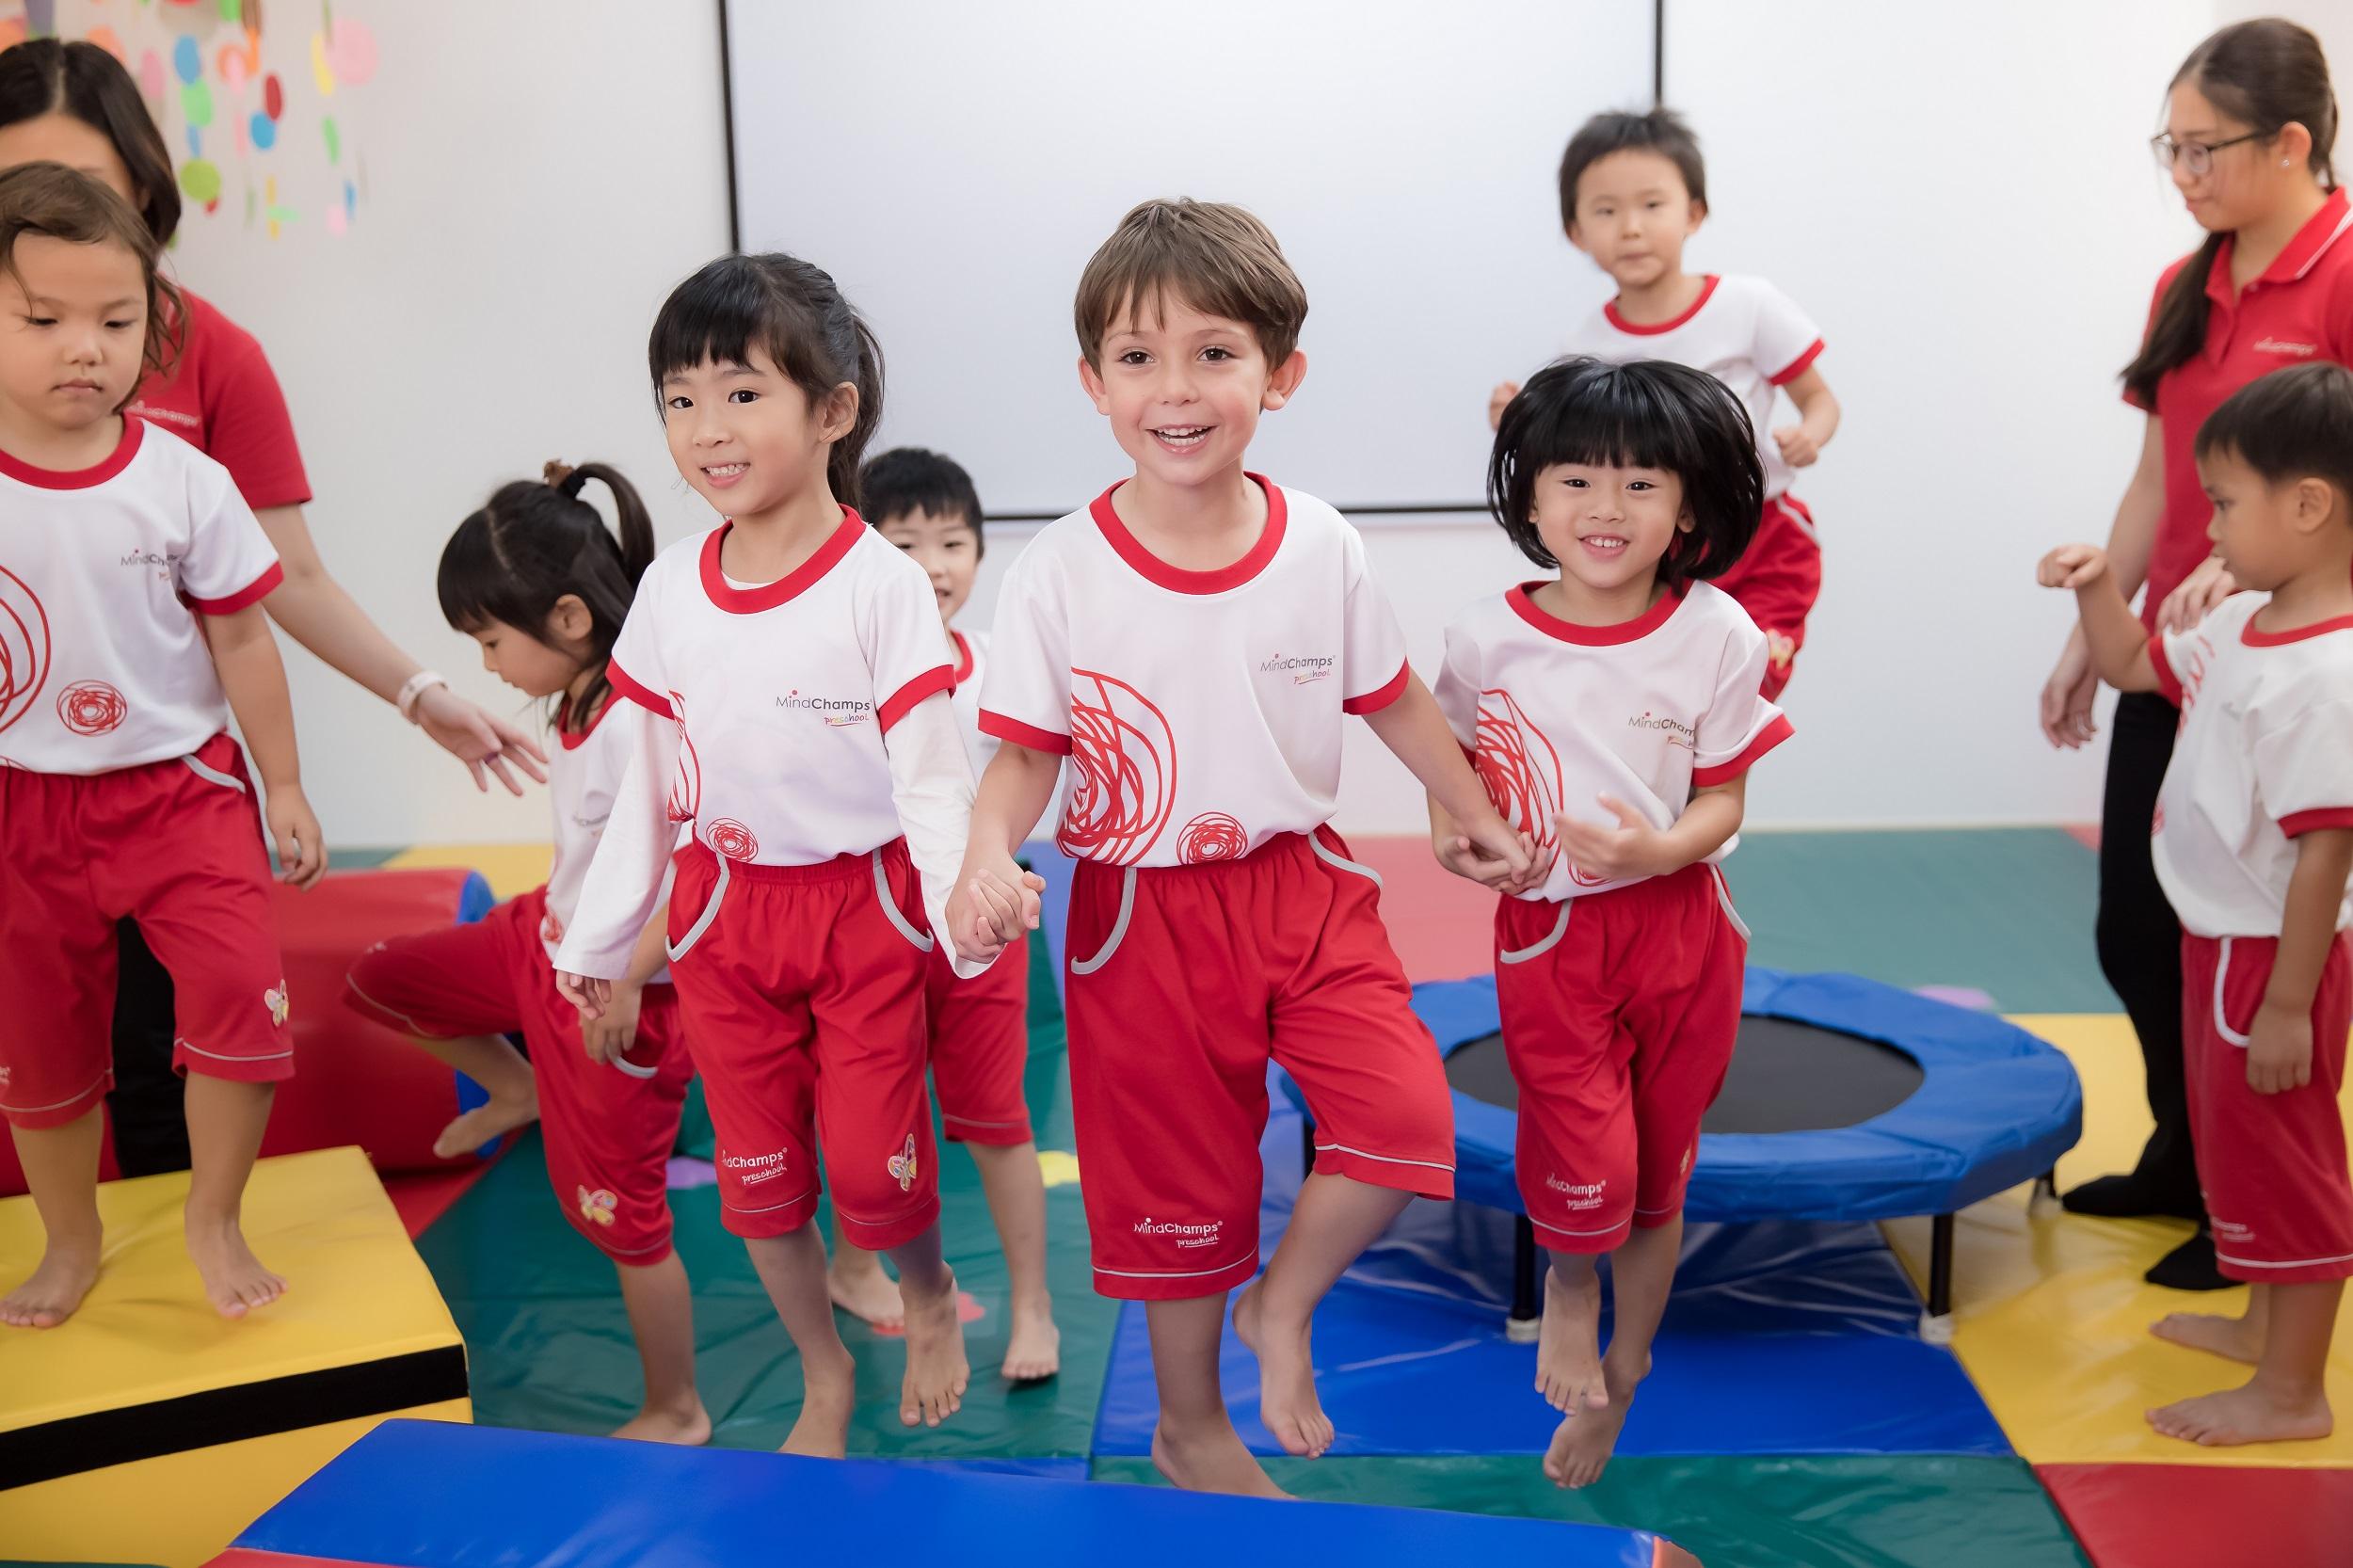 playgroup singapore